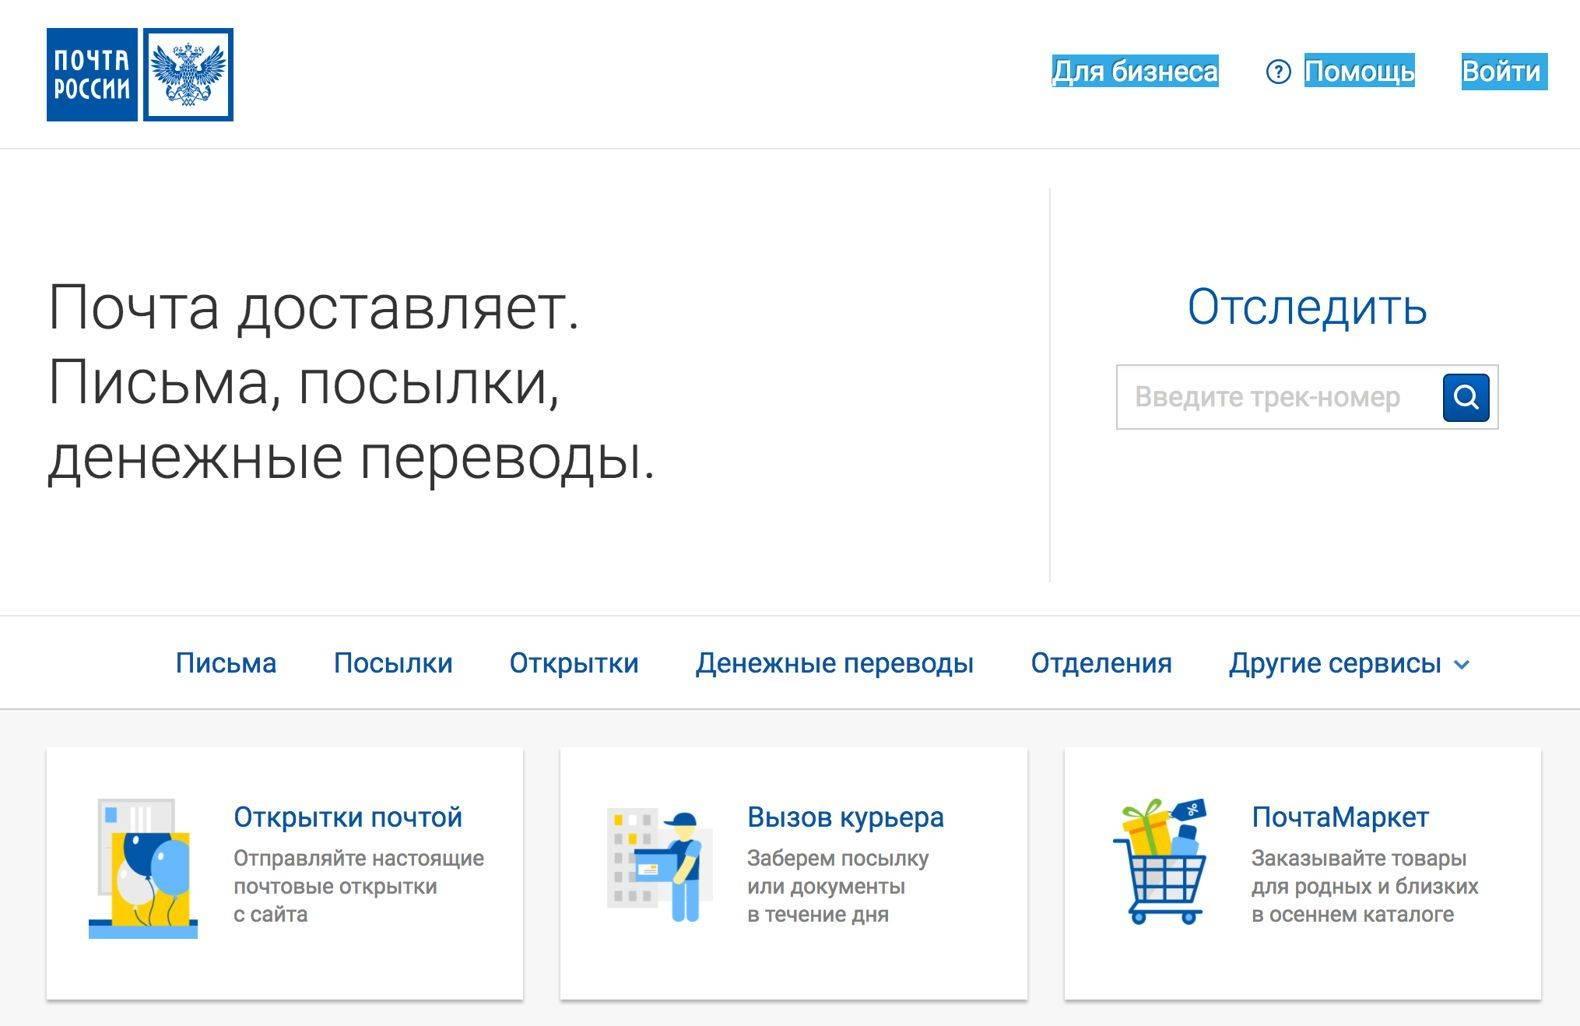 Почта в эстонии: полезная информация